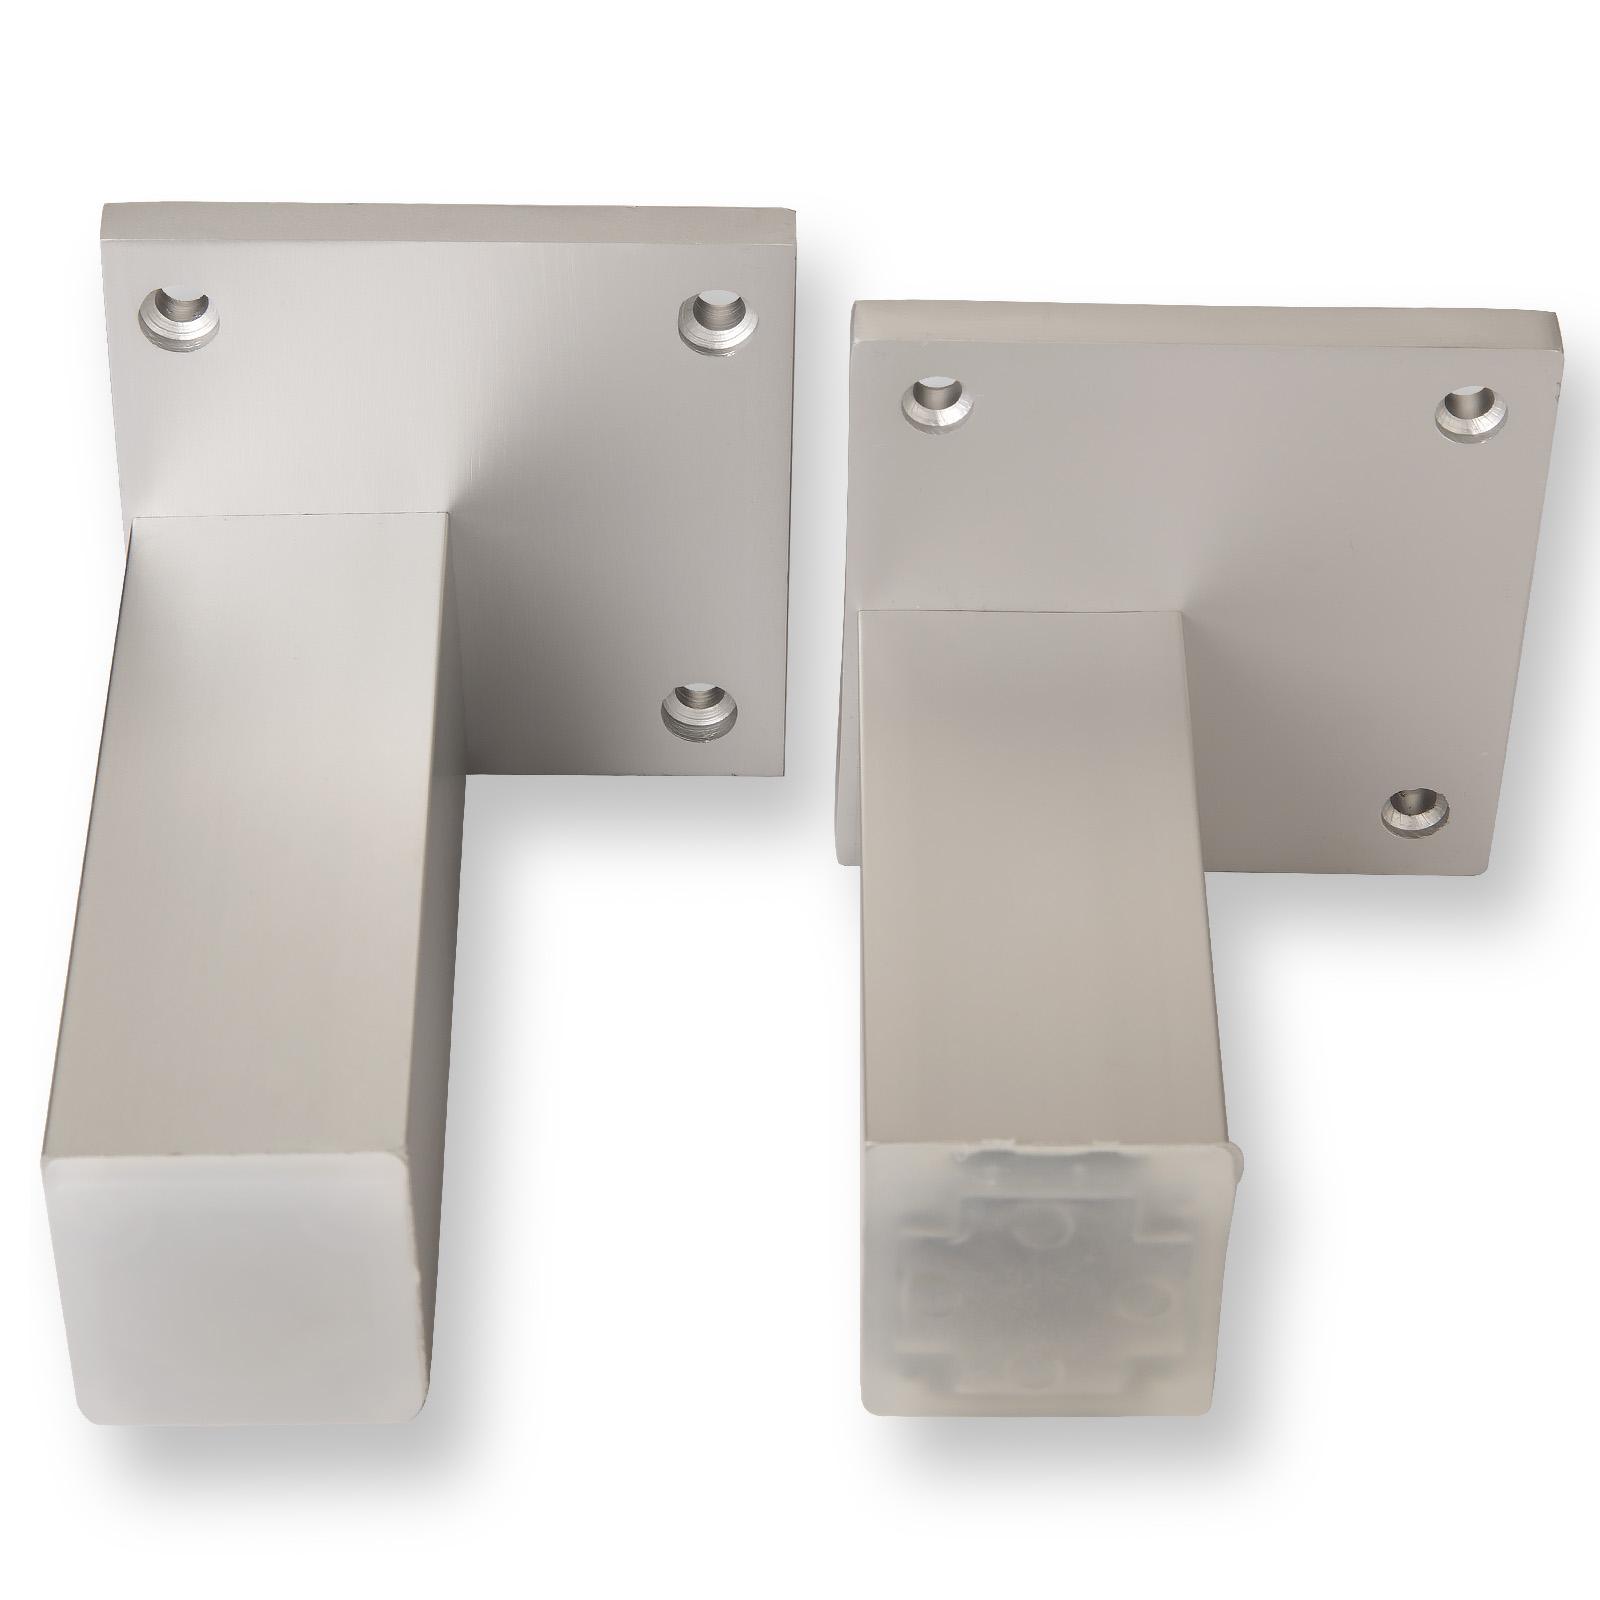 Möbelfüße Metall Eckig.Möbelfuß Sierra 100 Mm 120 Mm Eckig Chrom Matt So Tech De